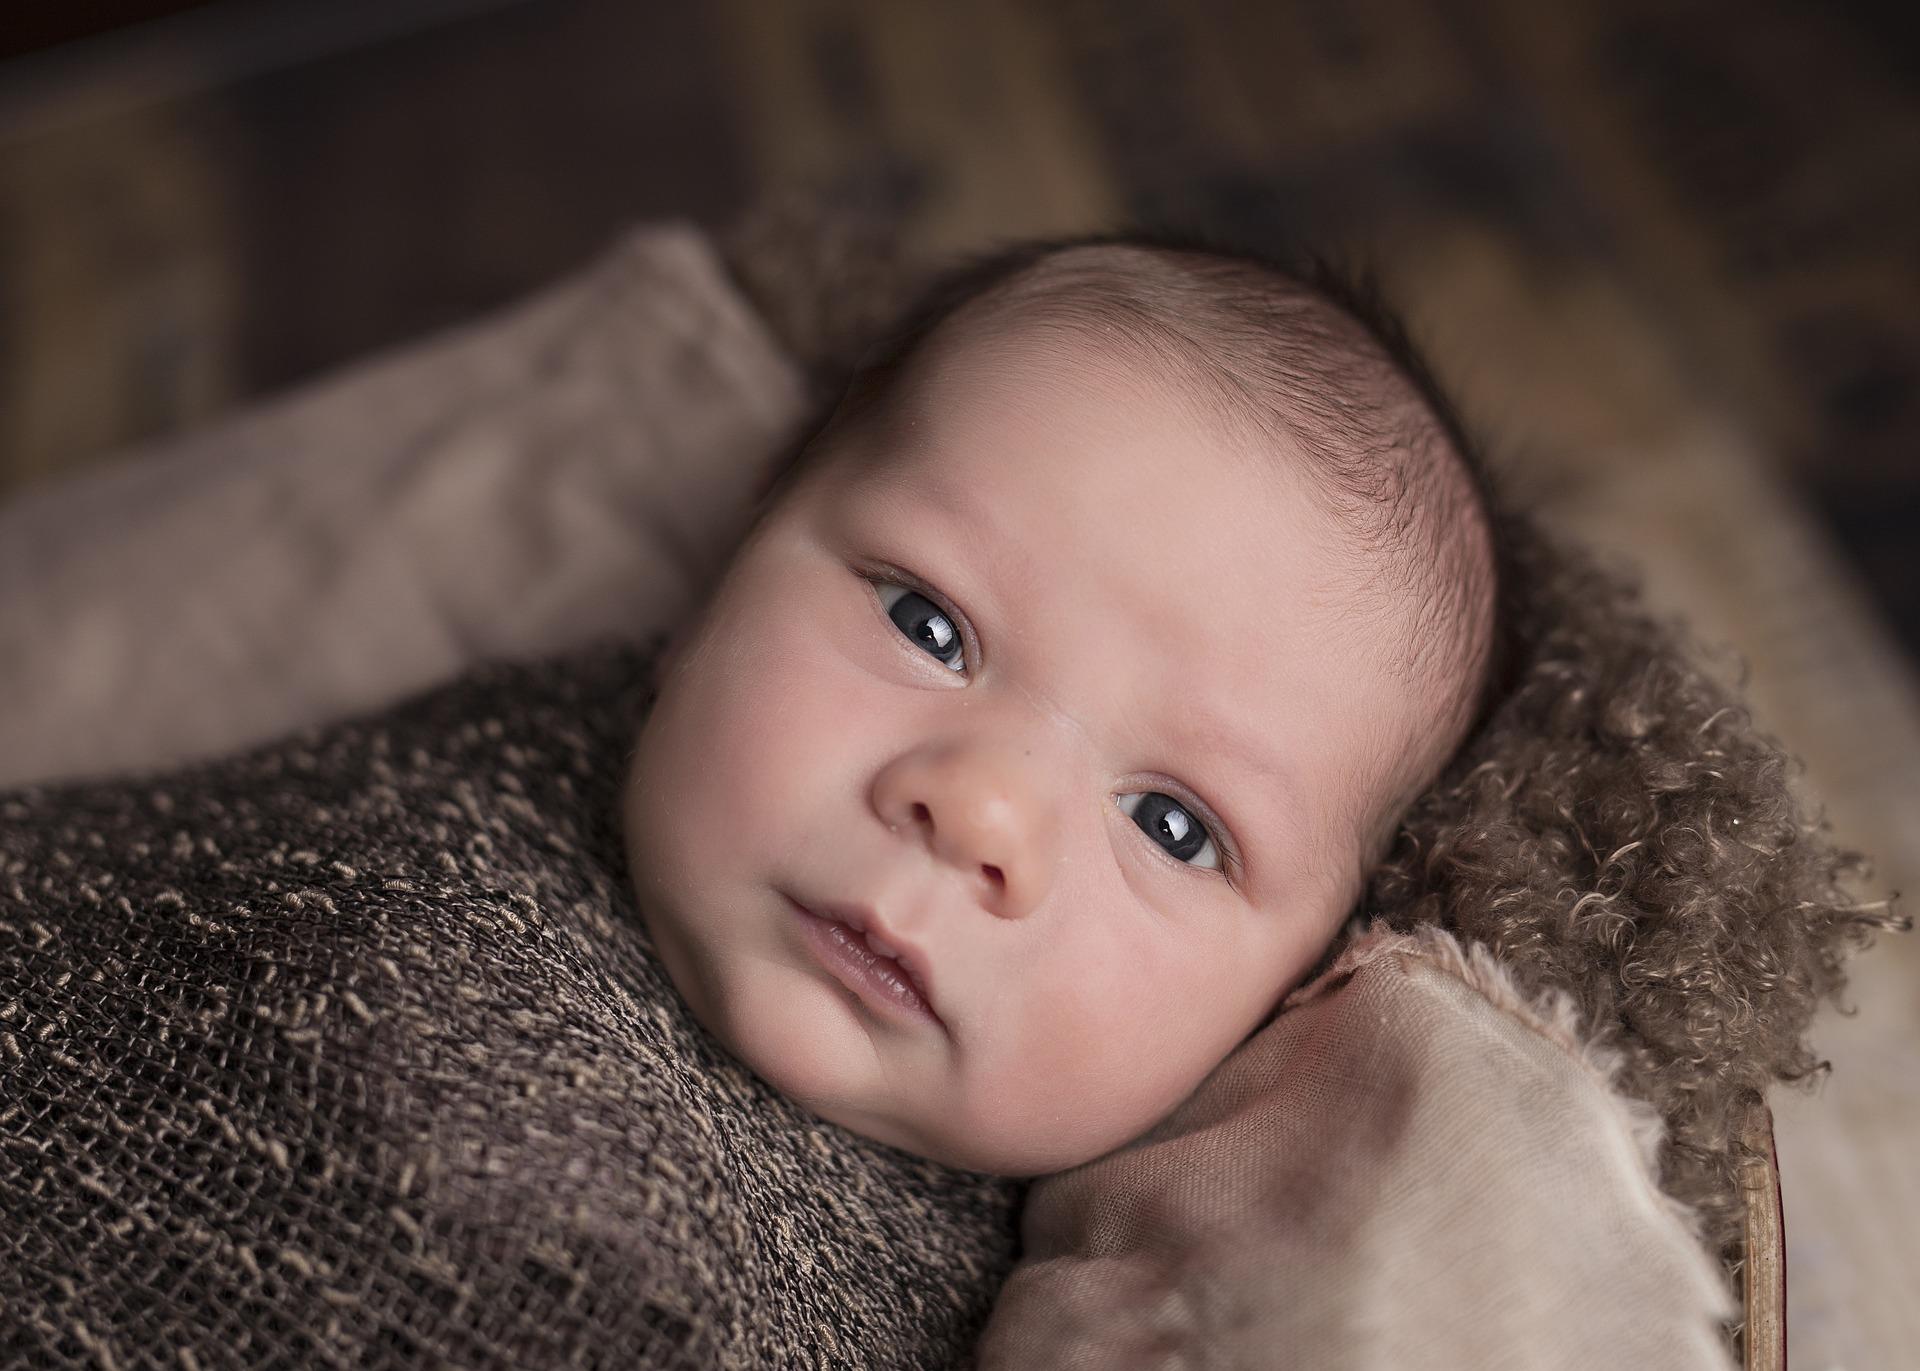 Kolor oczu dziecka